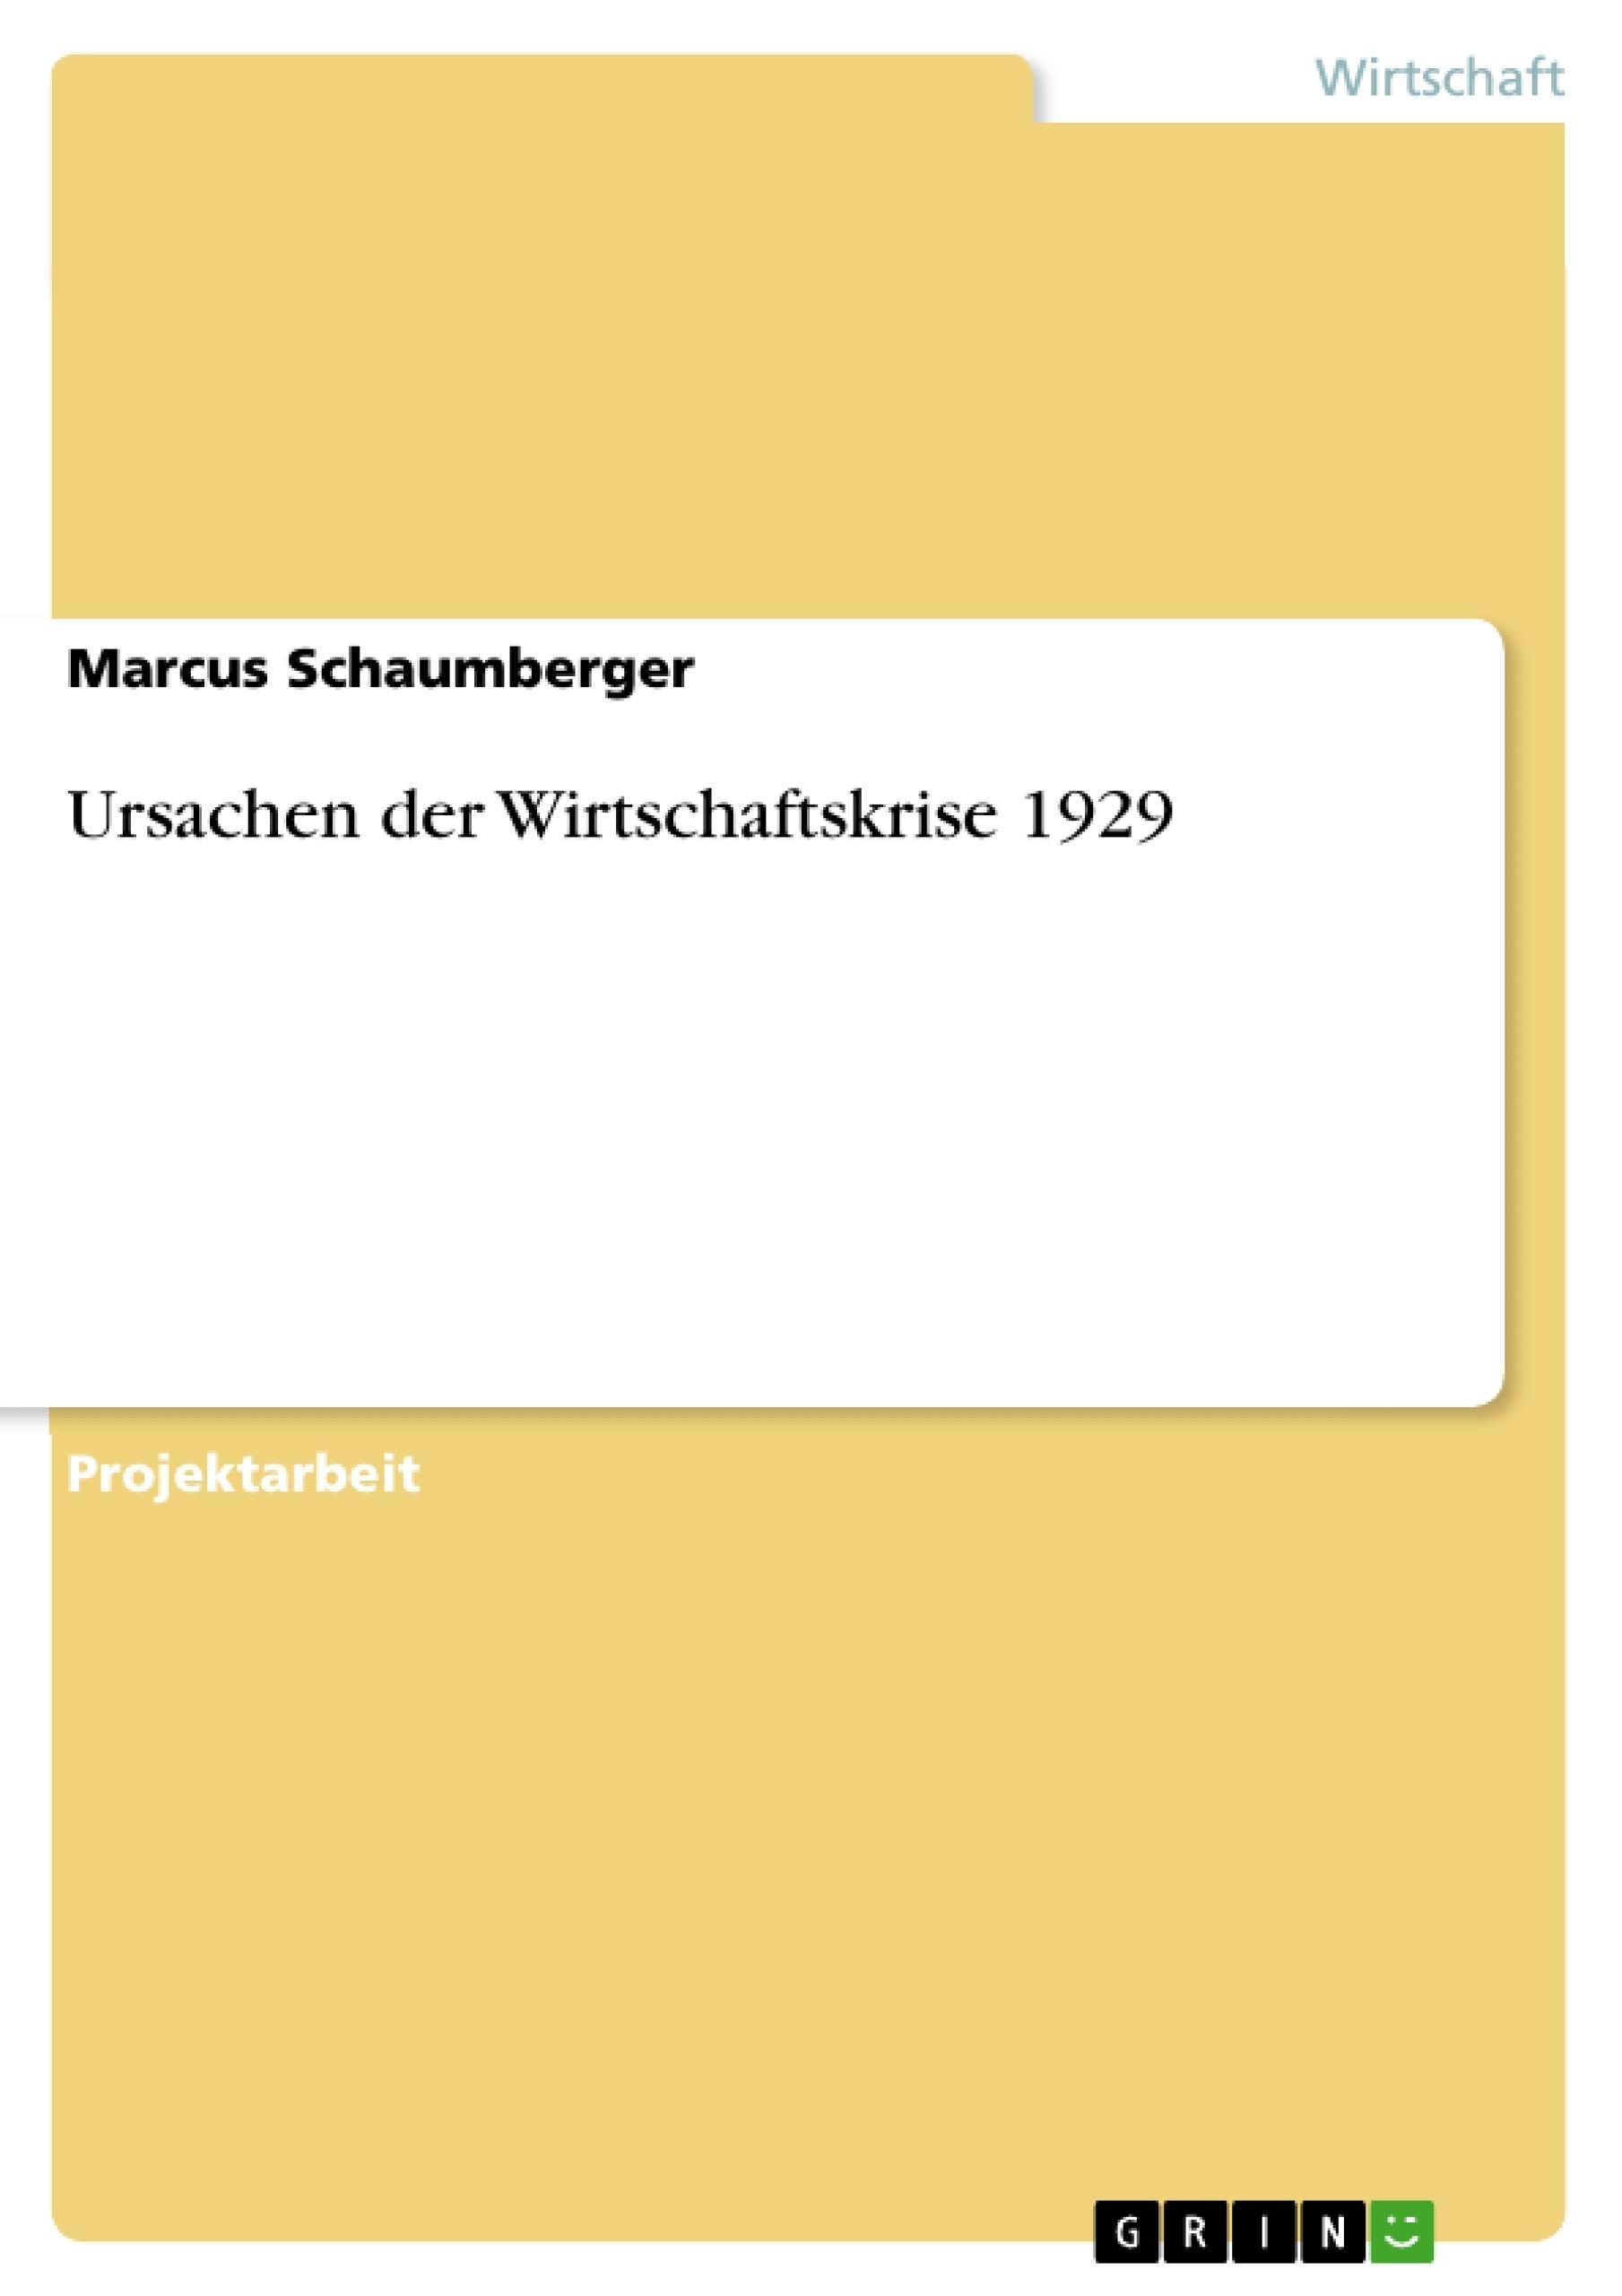 Titel: Ursachen der Wirtschaftskrise 1929